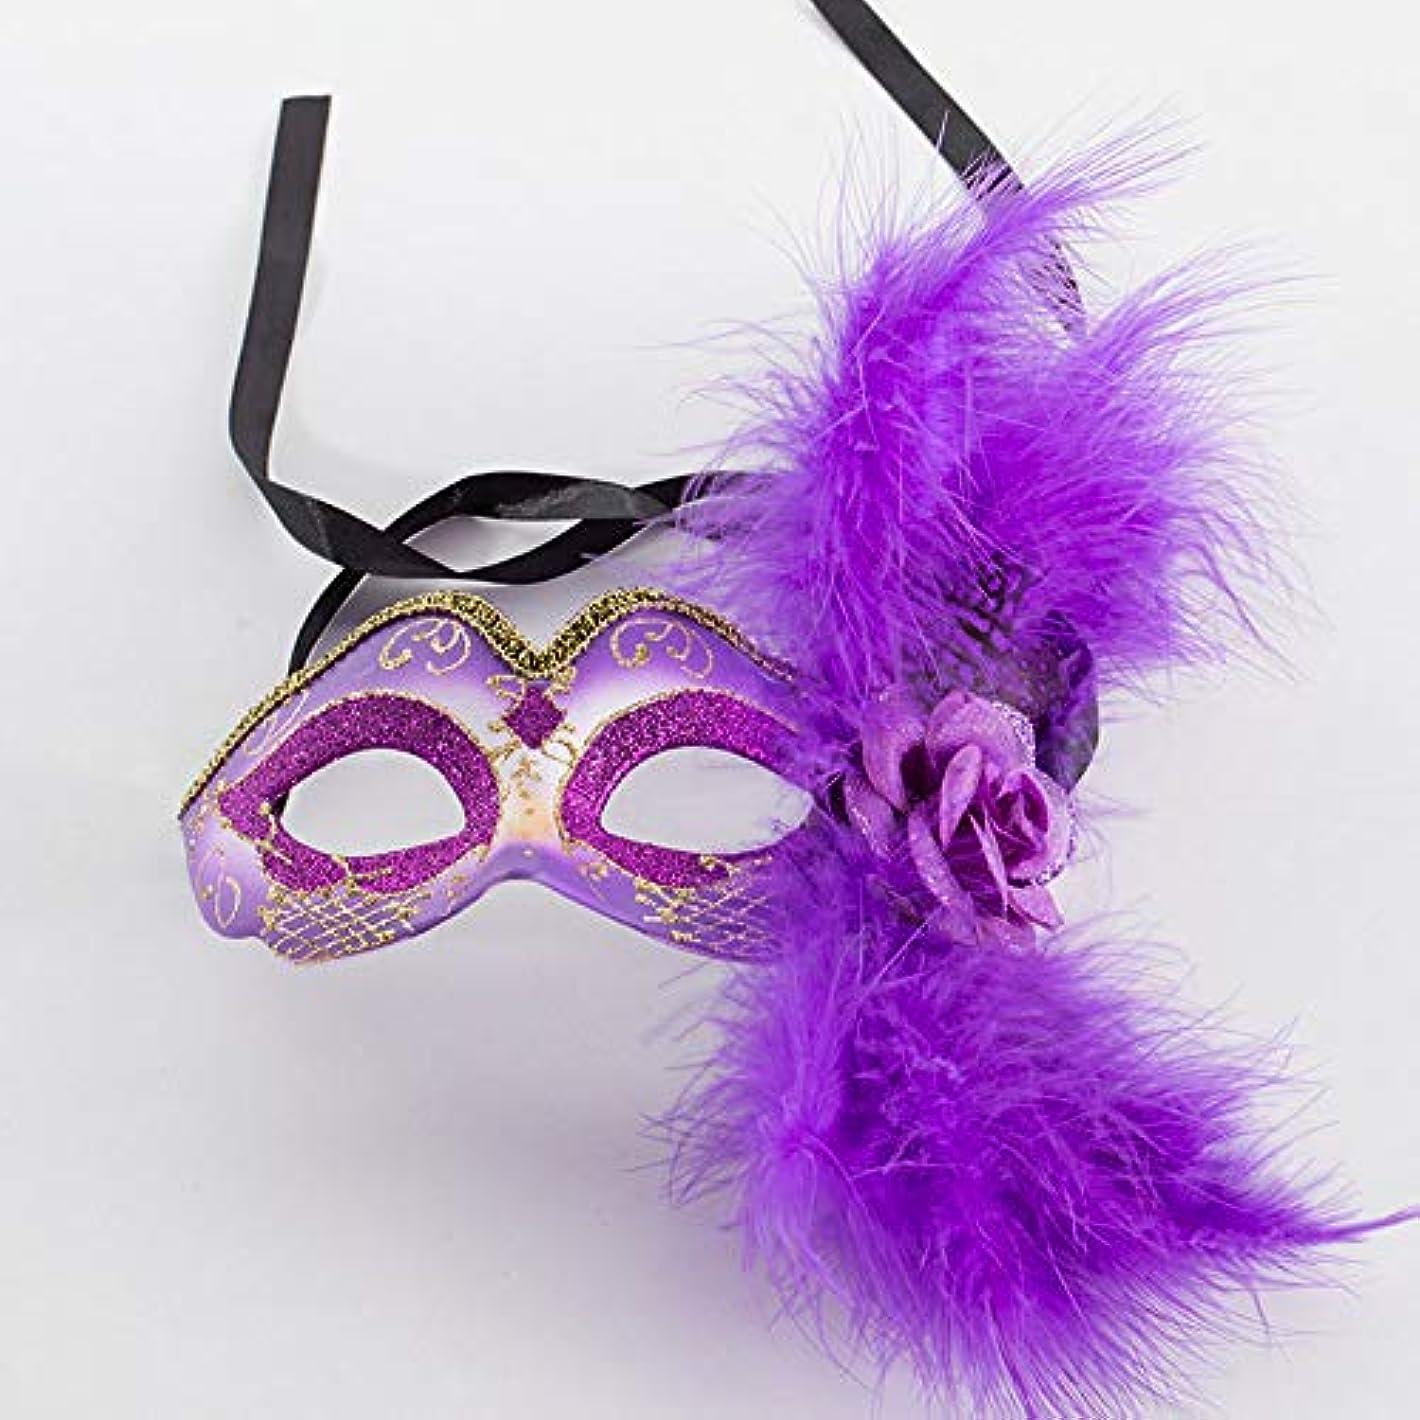 理想的には堤防誘導レディー女の子コスチュームベネチアンマスクフェザーマスカレードハロウィーンマルディグラコスプレパーティー仮面14.5x7.5cmマスク,紫色